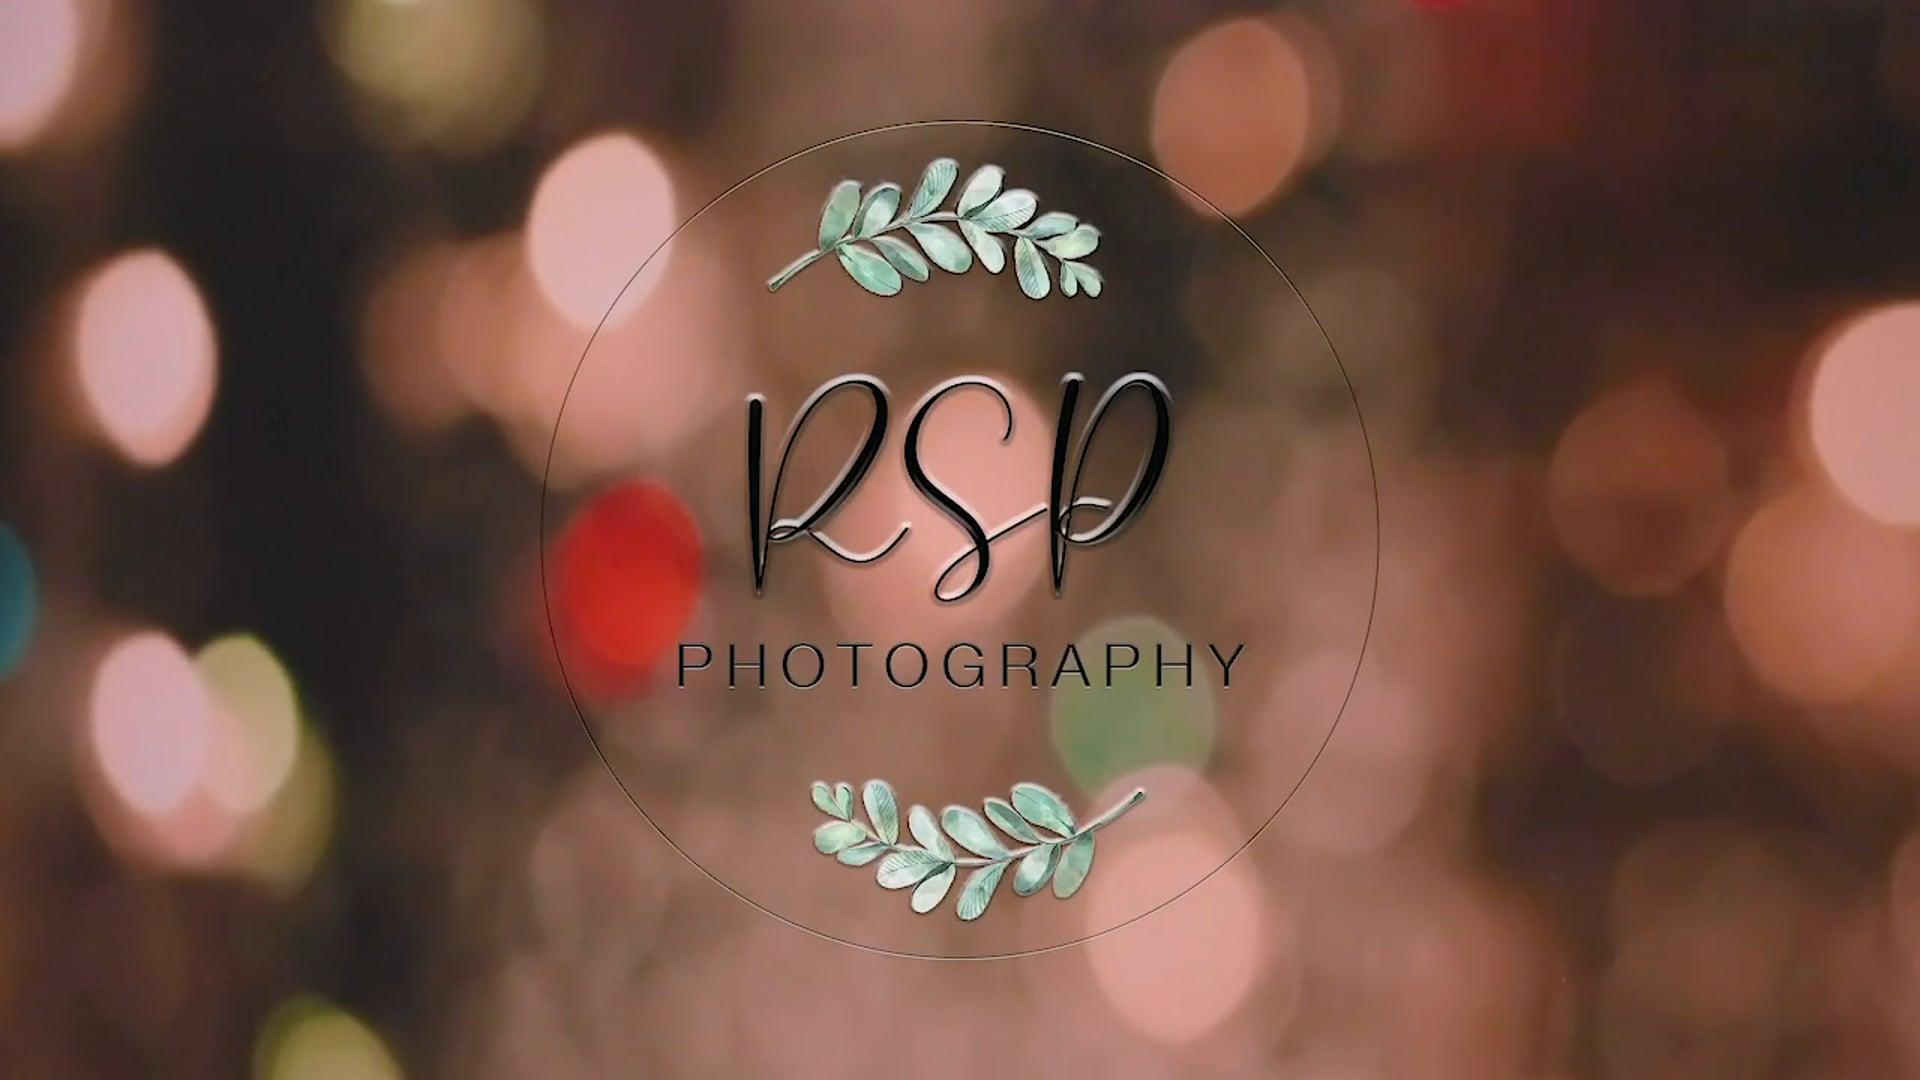 RSP Christmas Photoshoot